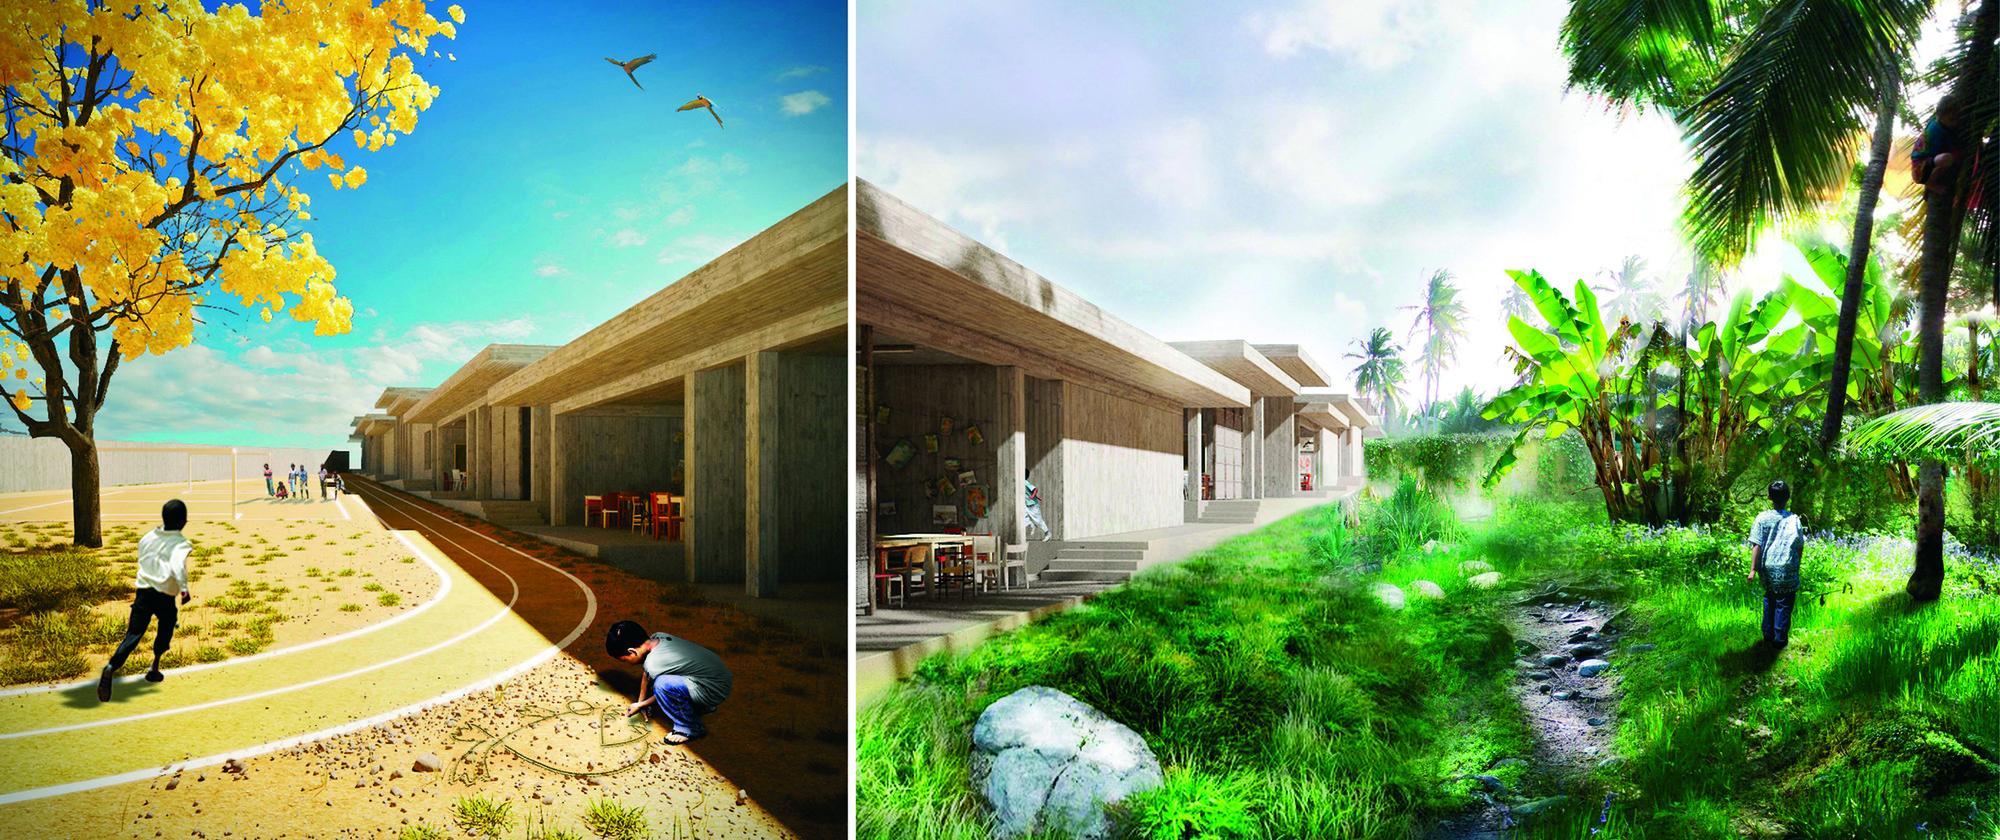 Acknowledgement: Indoor-Outdoor / Rusinek + Siuda. Image Cortesia de Fundación Holcim